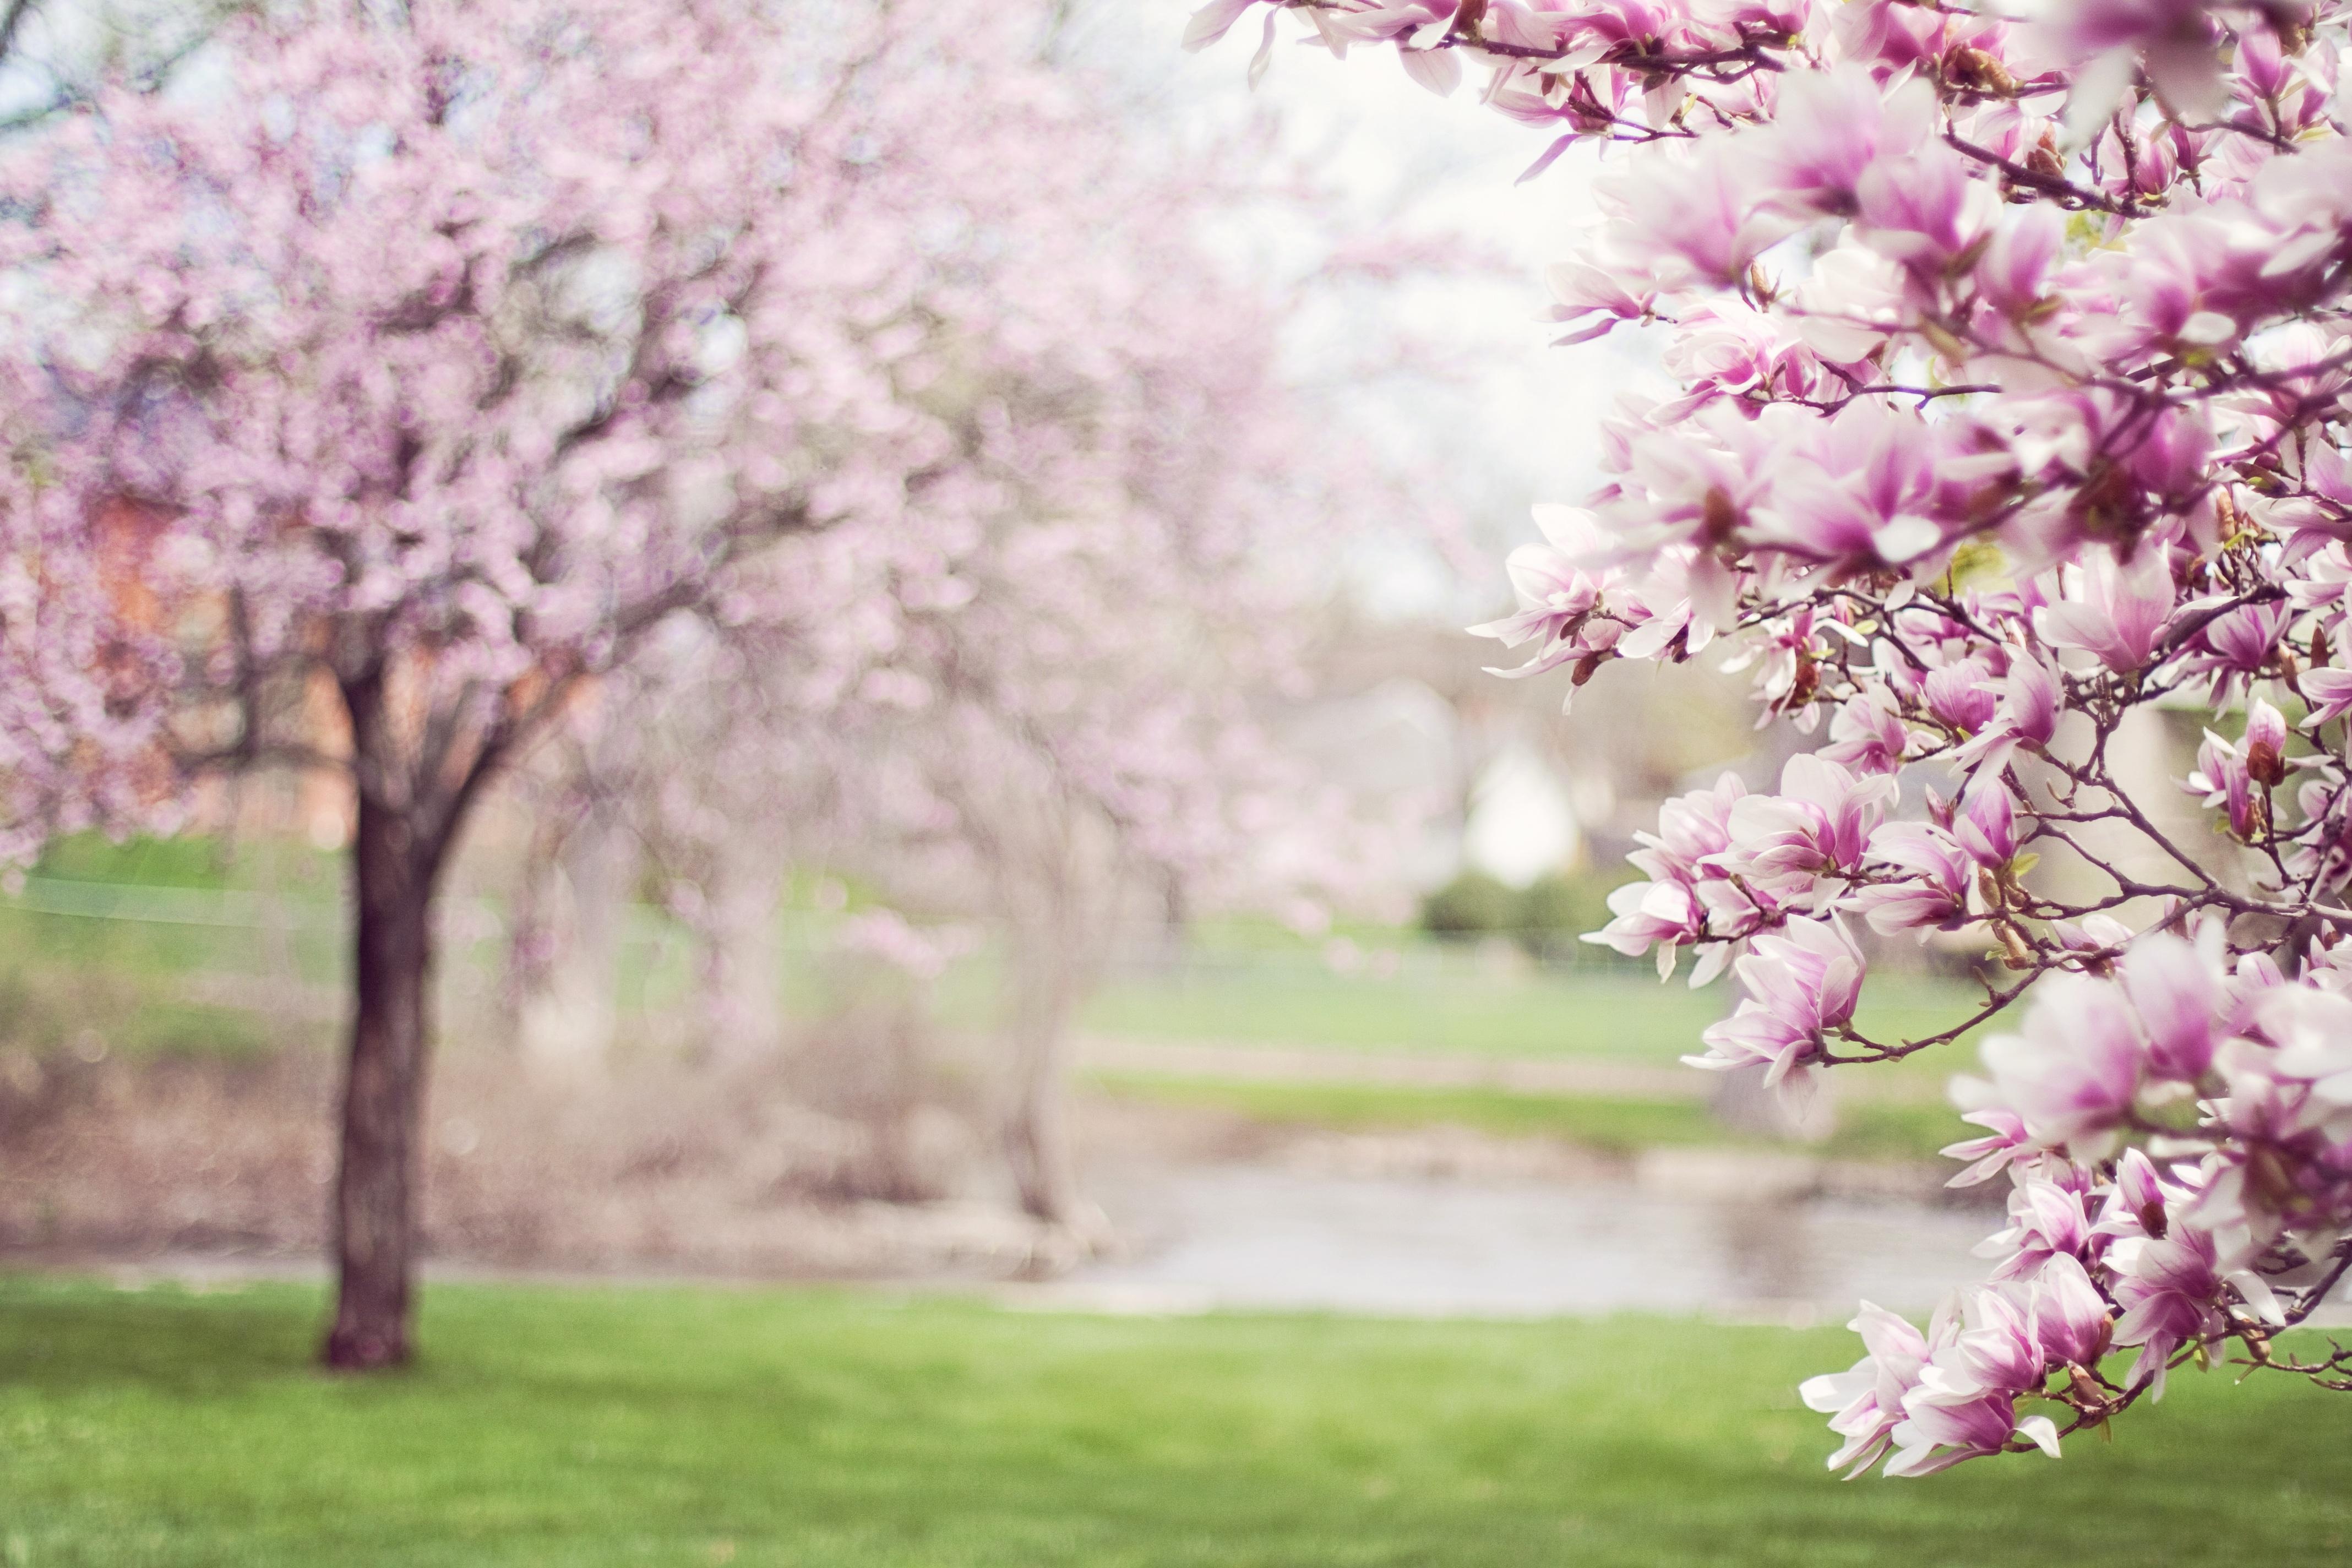 magnolia-trees-springtime-blossoms-spring-38910.jpeg (4272×2848)